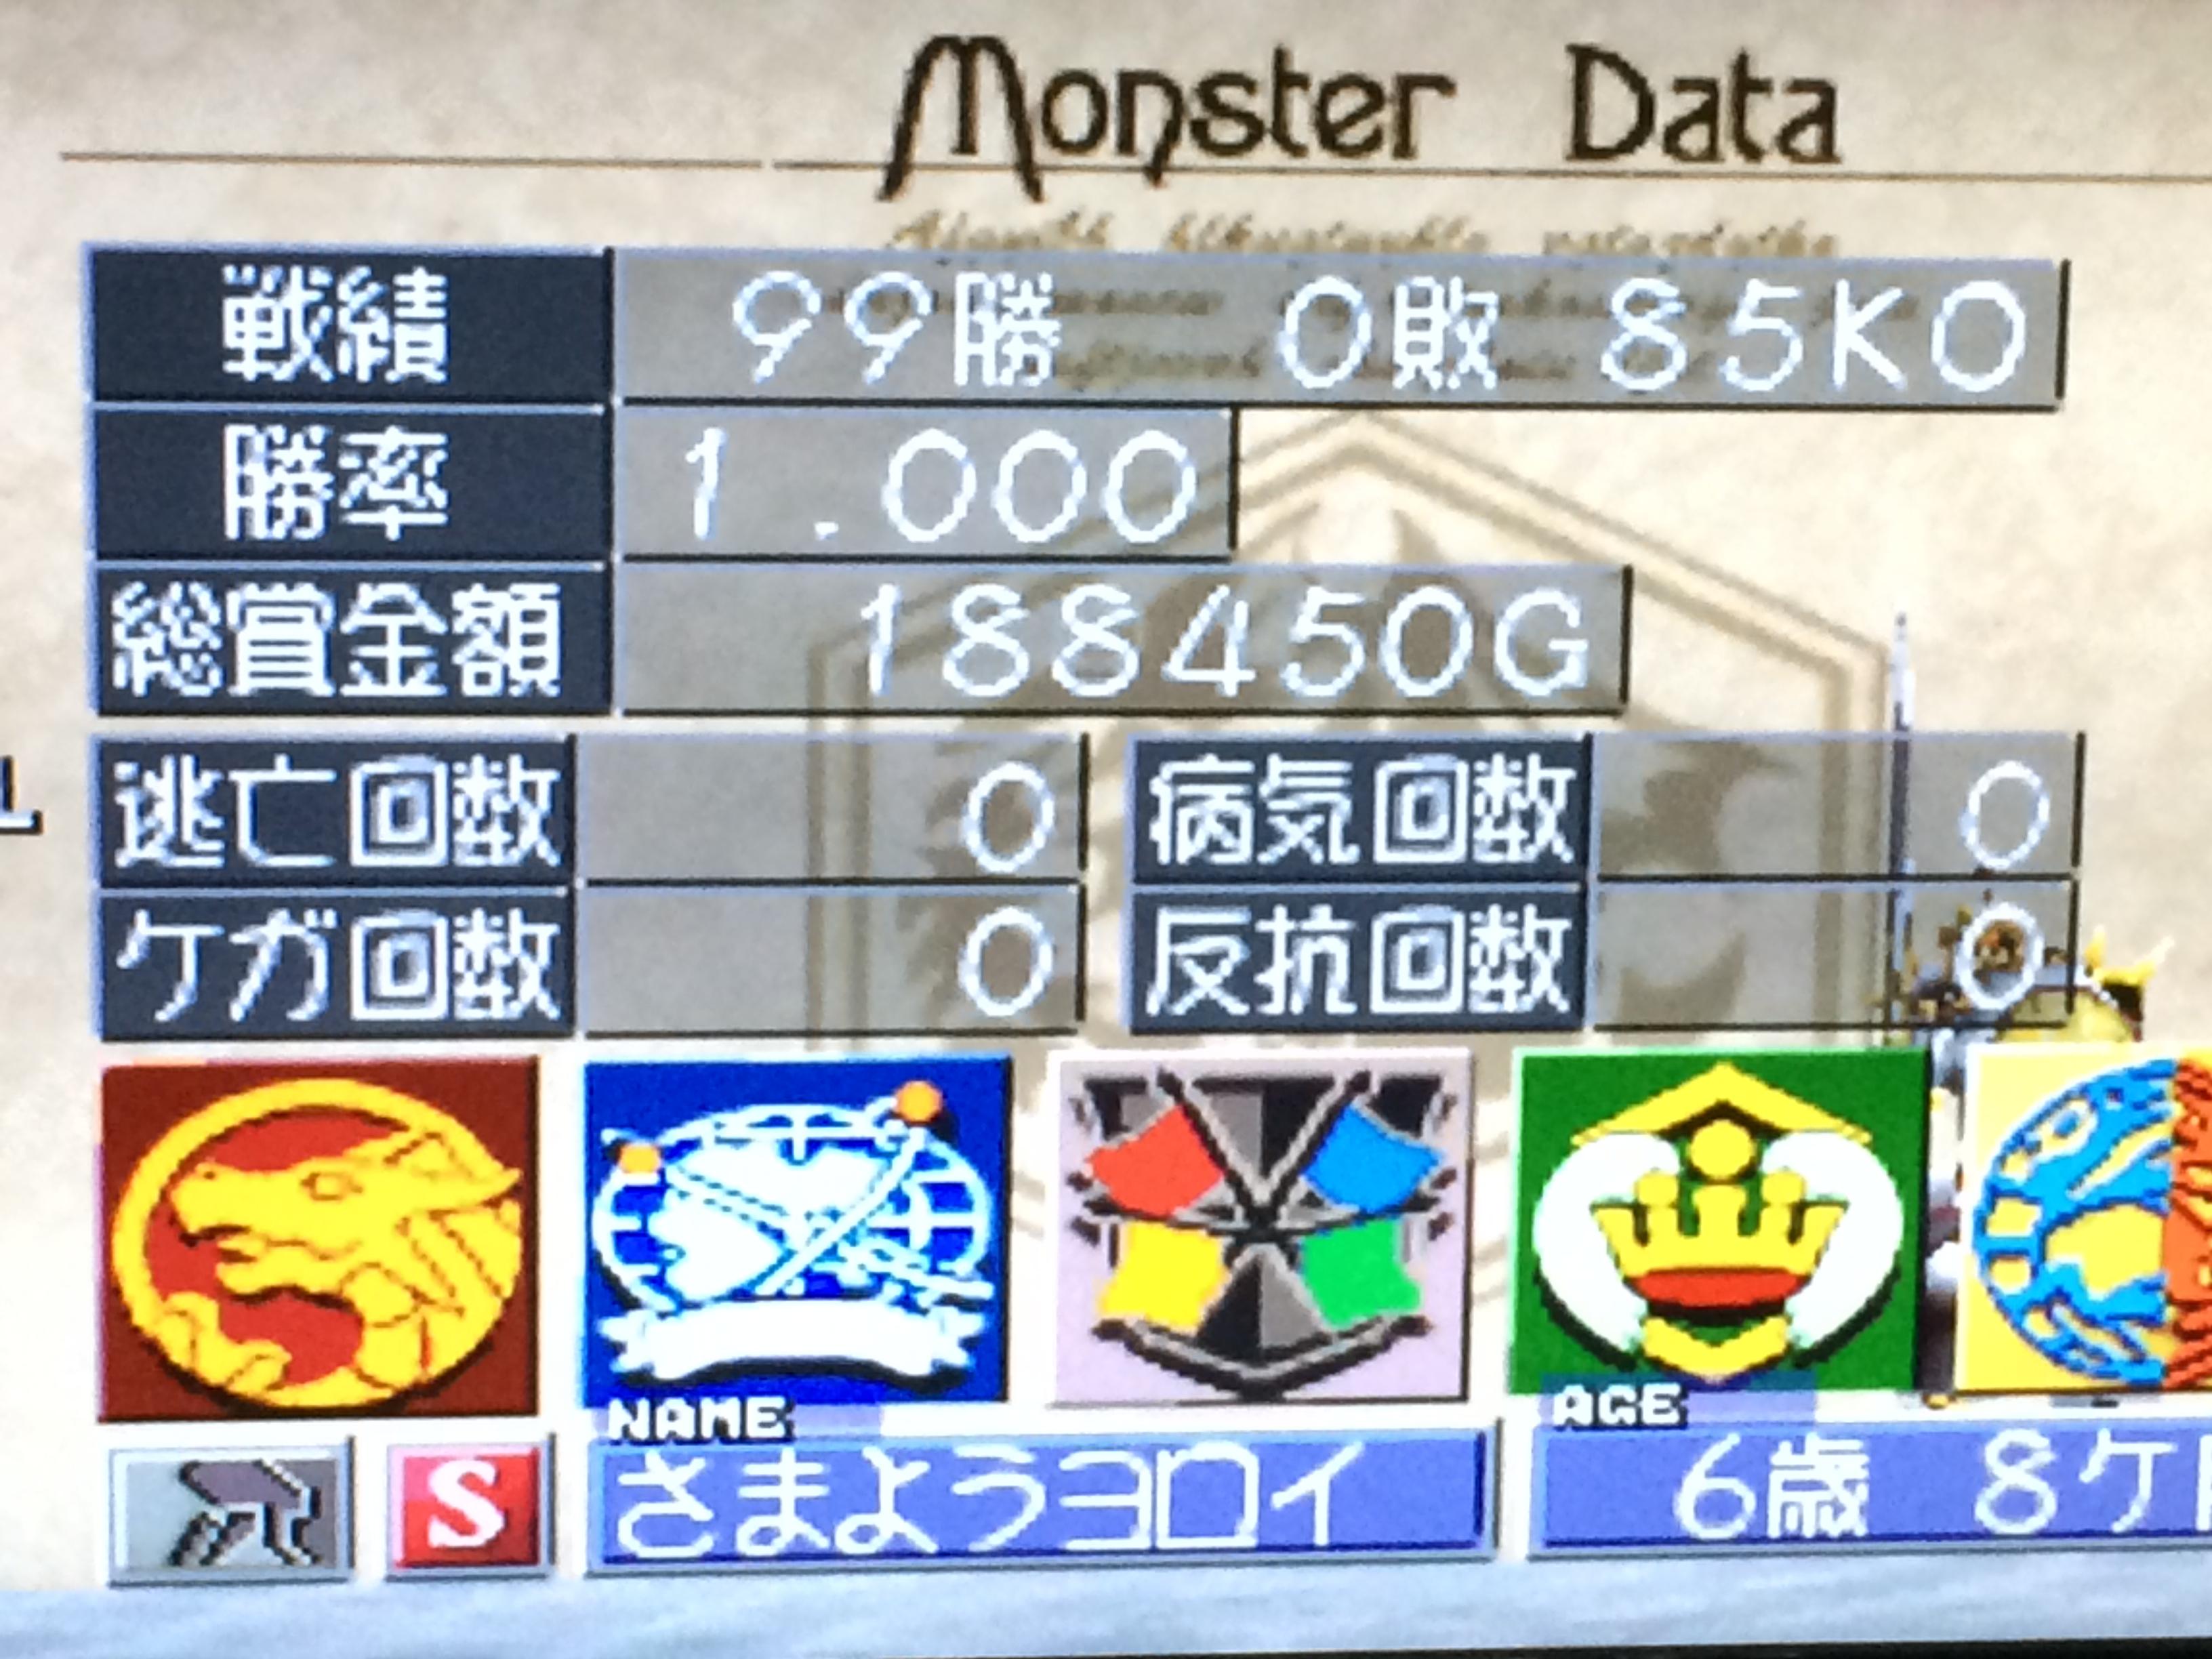 大会 モンスター 大 ファーム 4